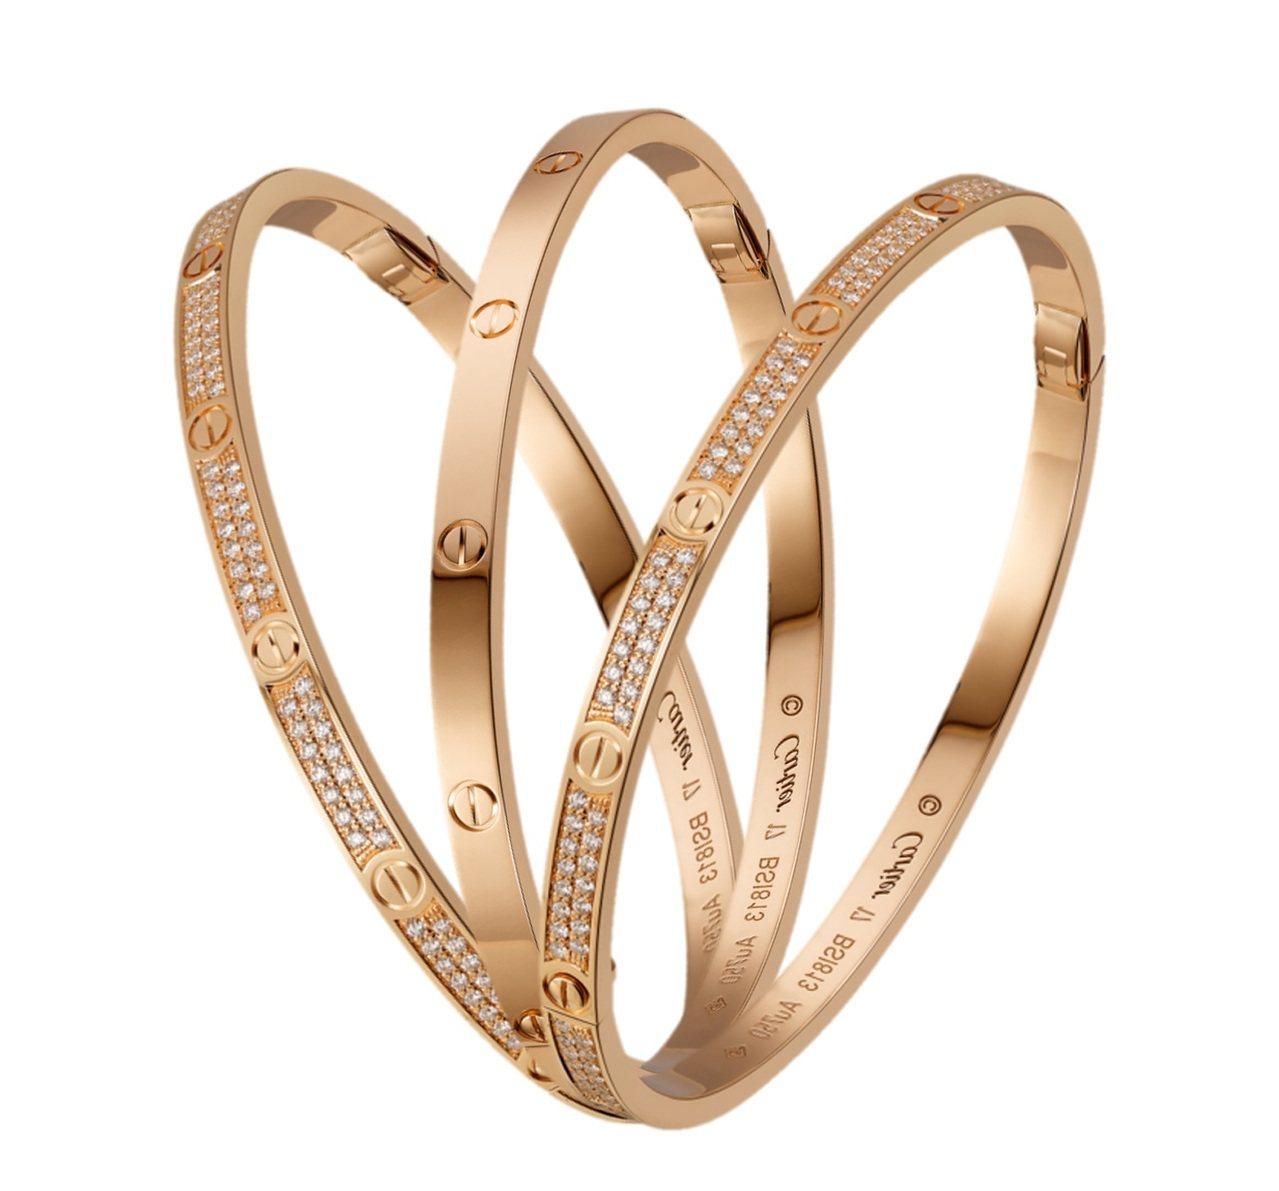 卡地亞LOVE系列玫瑰金手環,約12萬5,000元起。圖/卡地亞提供